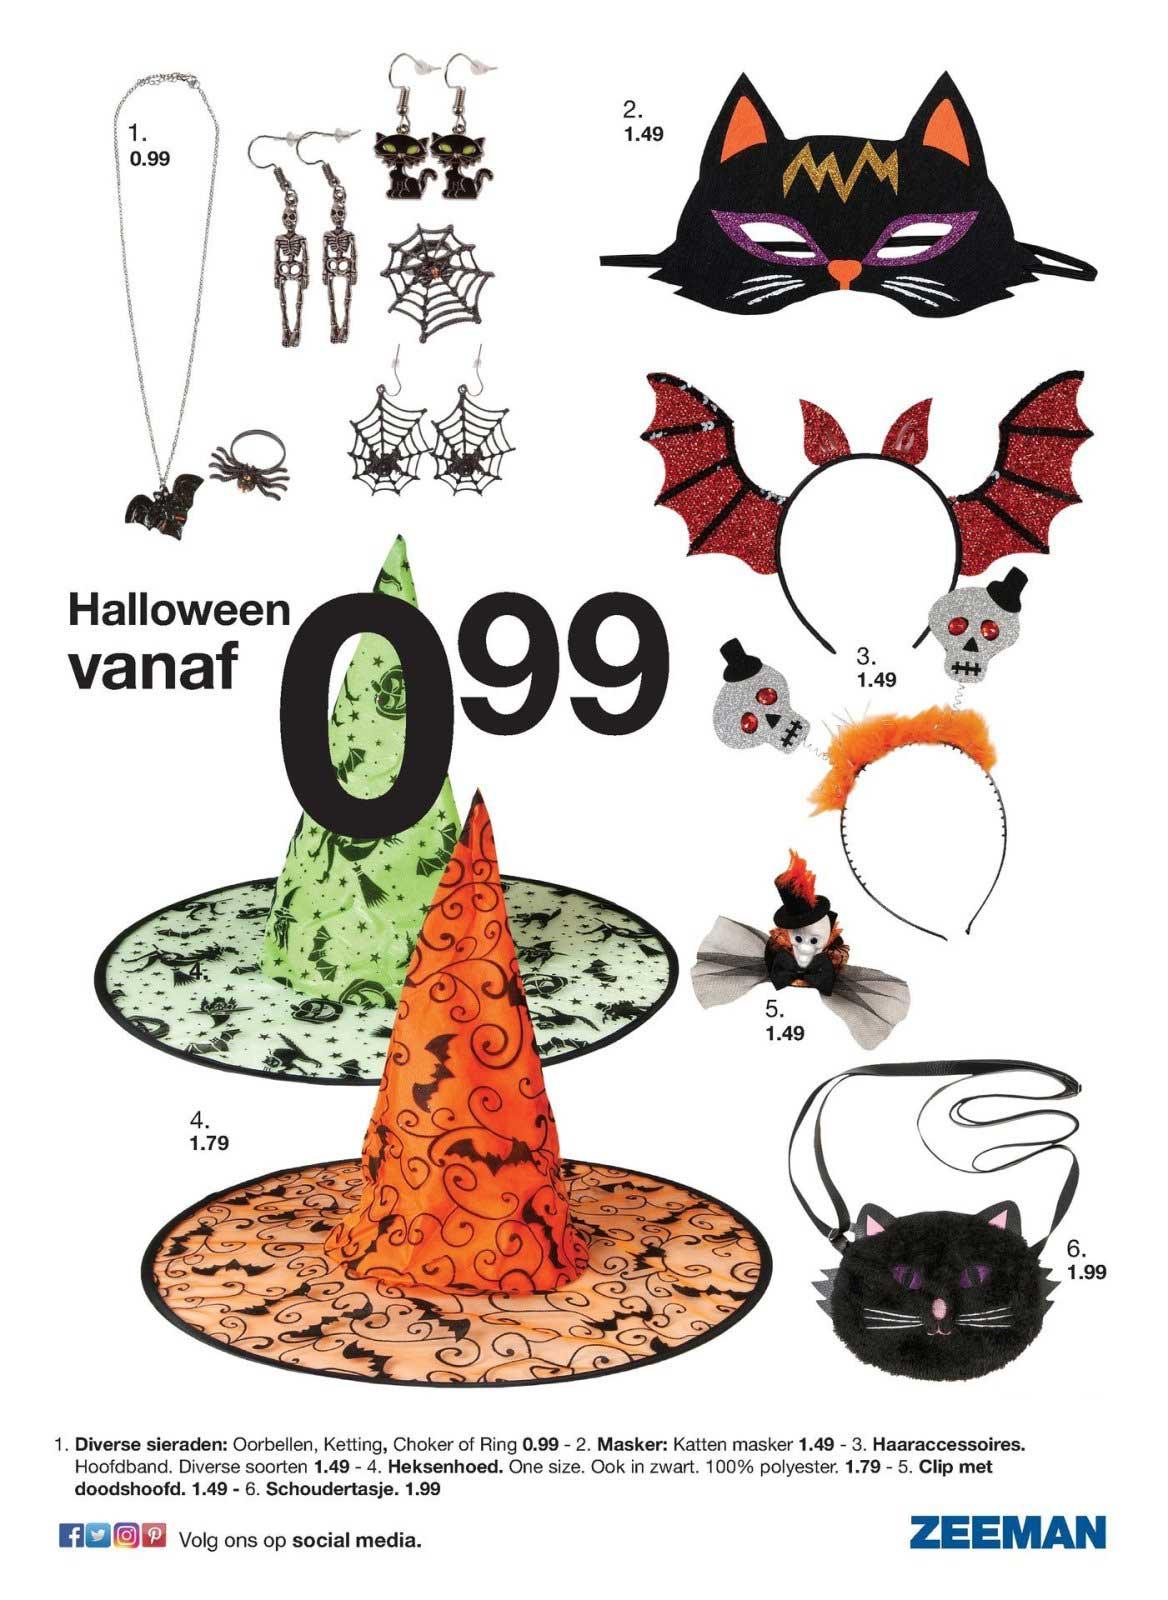 Zeeman Halloween